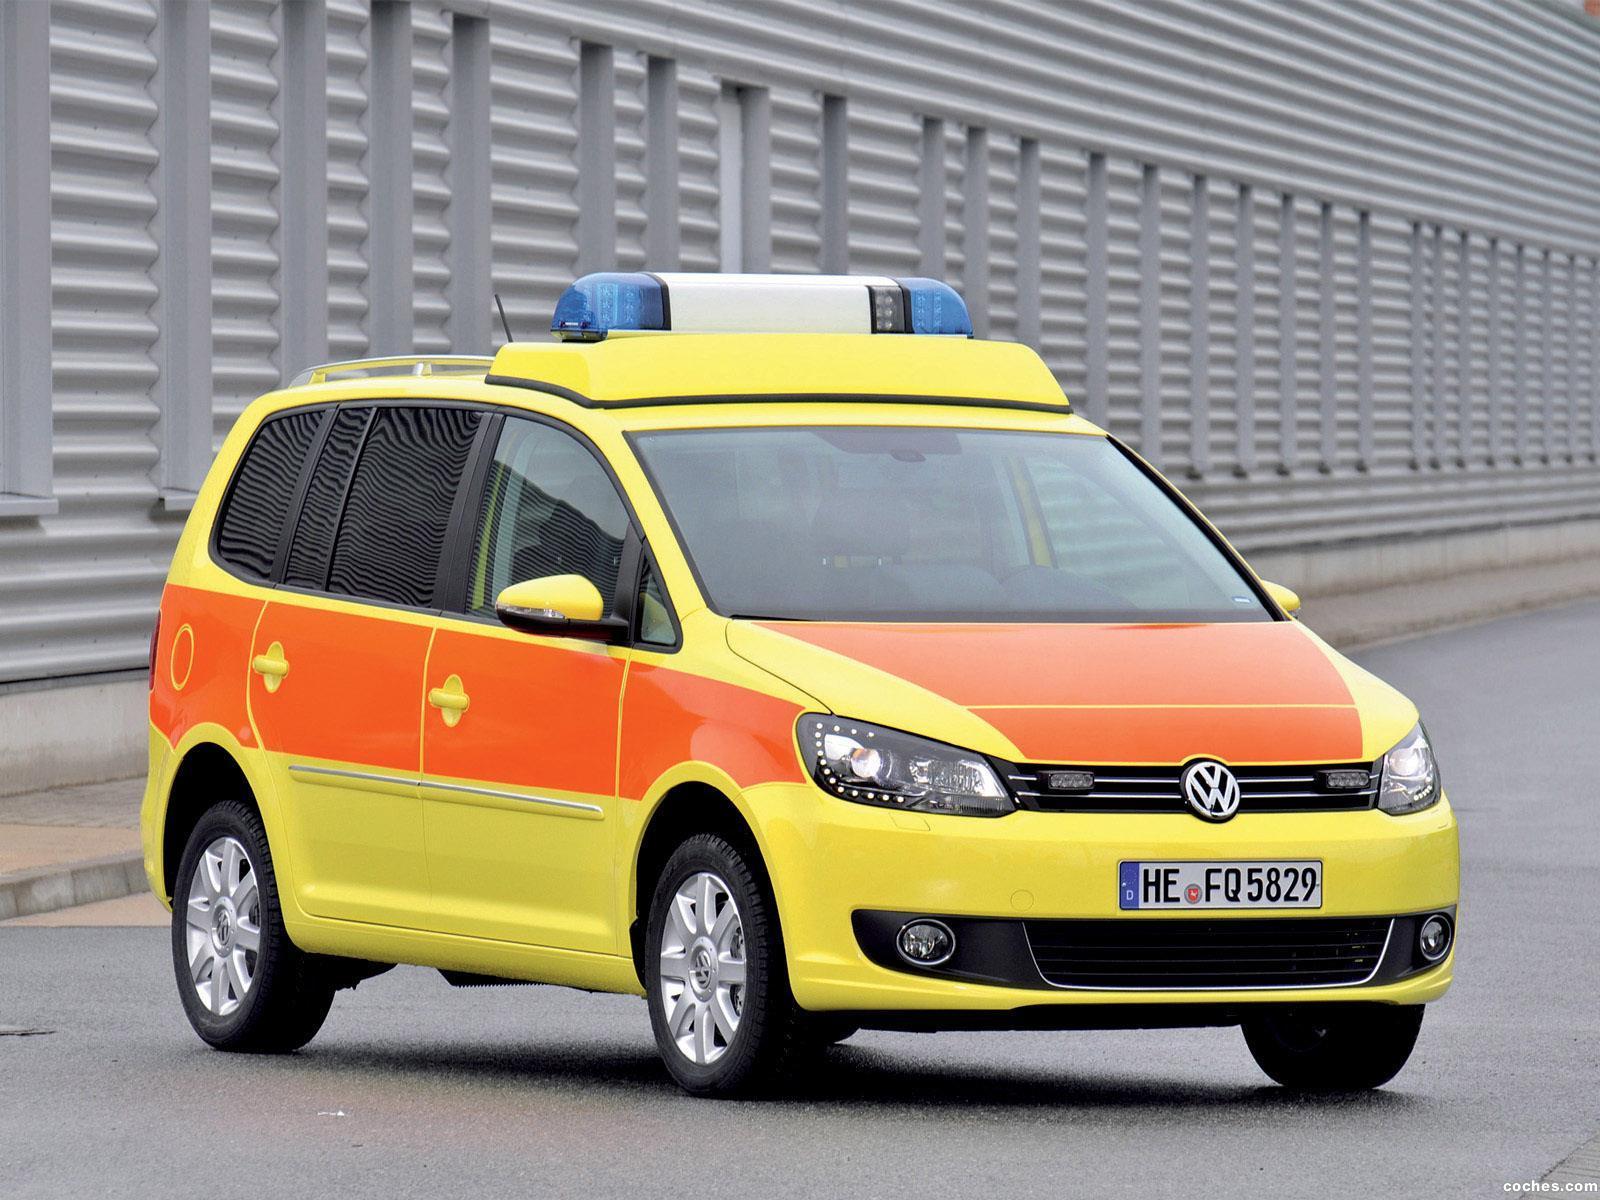 Foto 0 de Volkswagen Touran Notarzt 2010